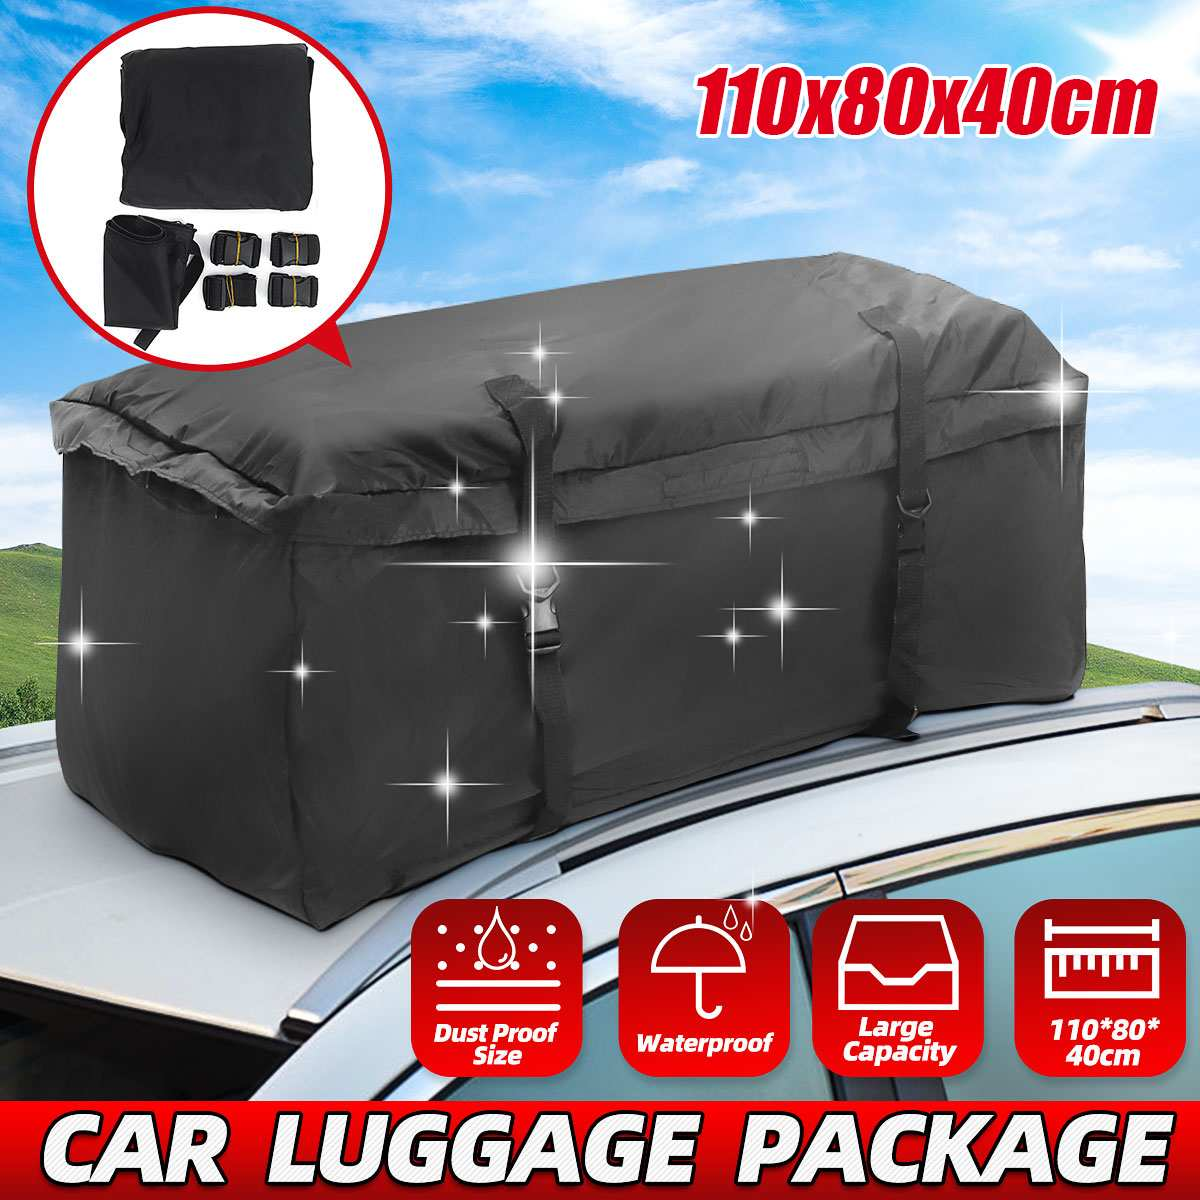 110x80x40cm Universal Car Roof Top Rack Bag Waterproof Cargo Carrier Luggage Storage Travel Waterproof Cargo Black Storage Bag